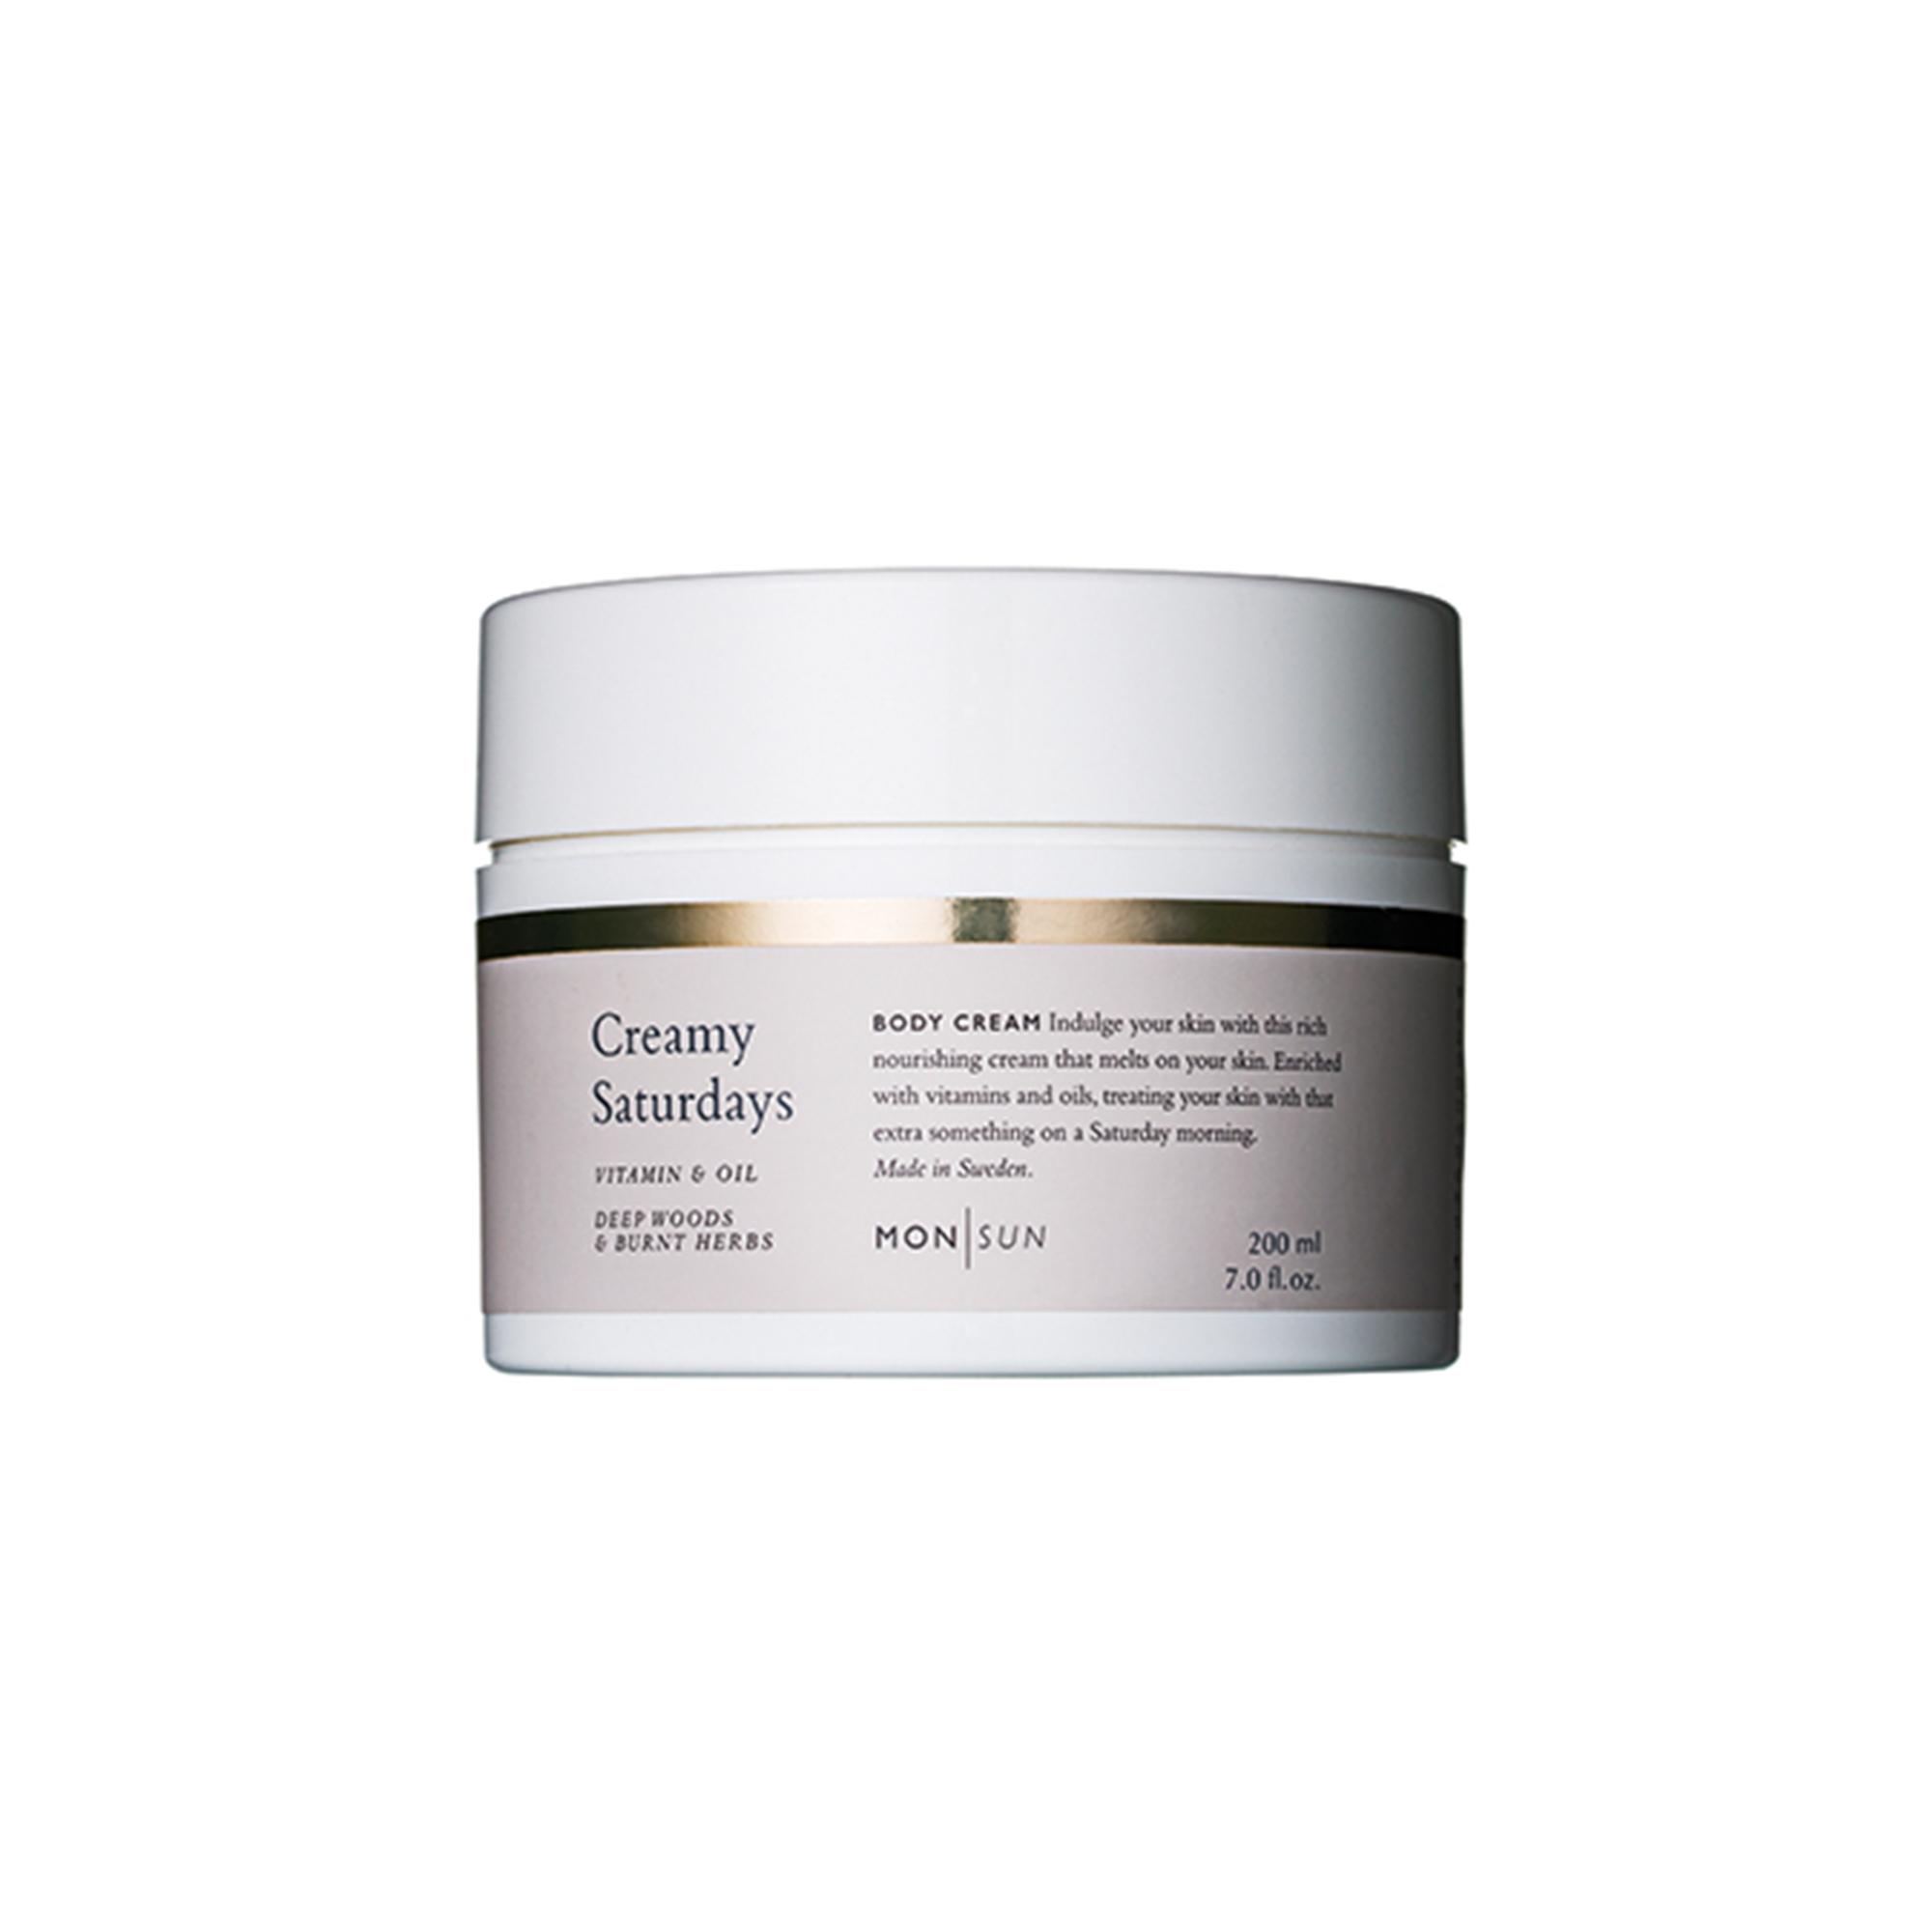 Creamy Saturdays Vitamin & Oil Body Cream 200ml